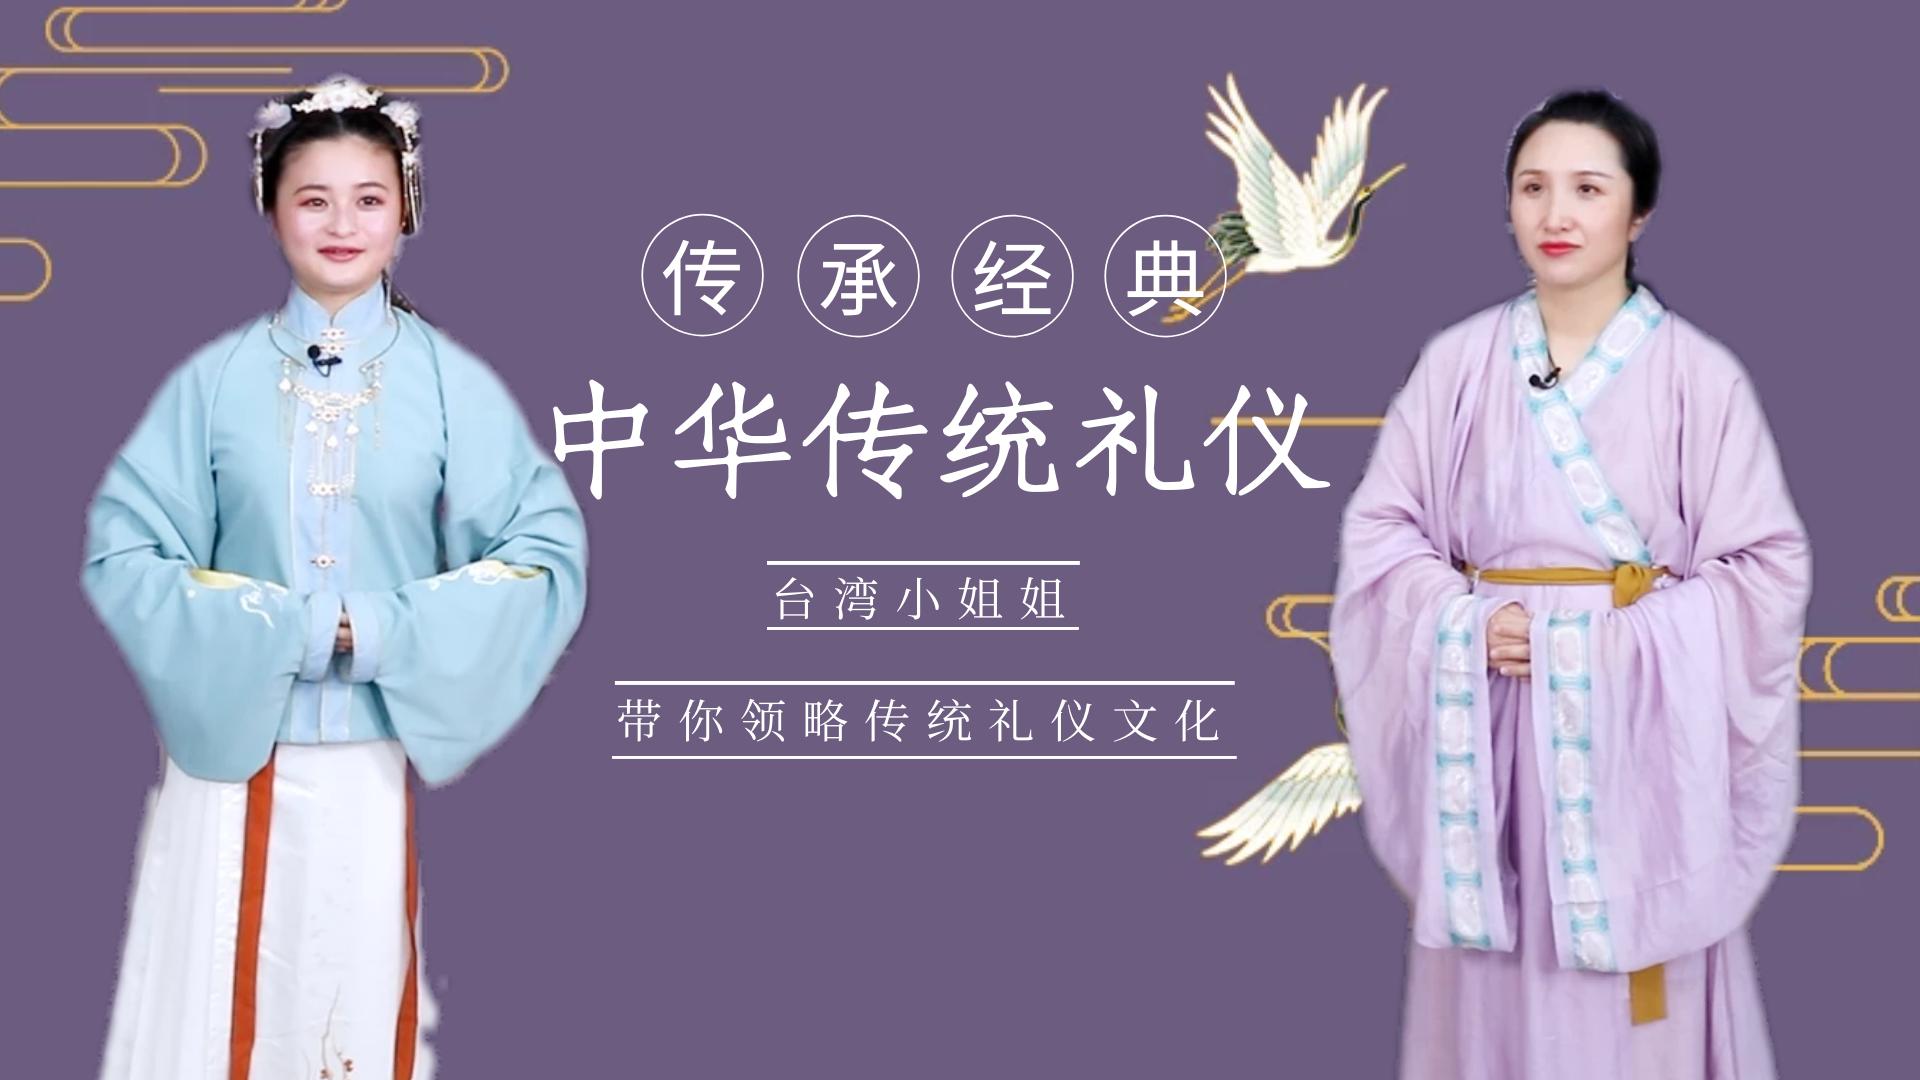 同袍见面怎么打招呼?和台湾小姐姐一起领略传统礼仪文化图片